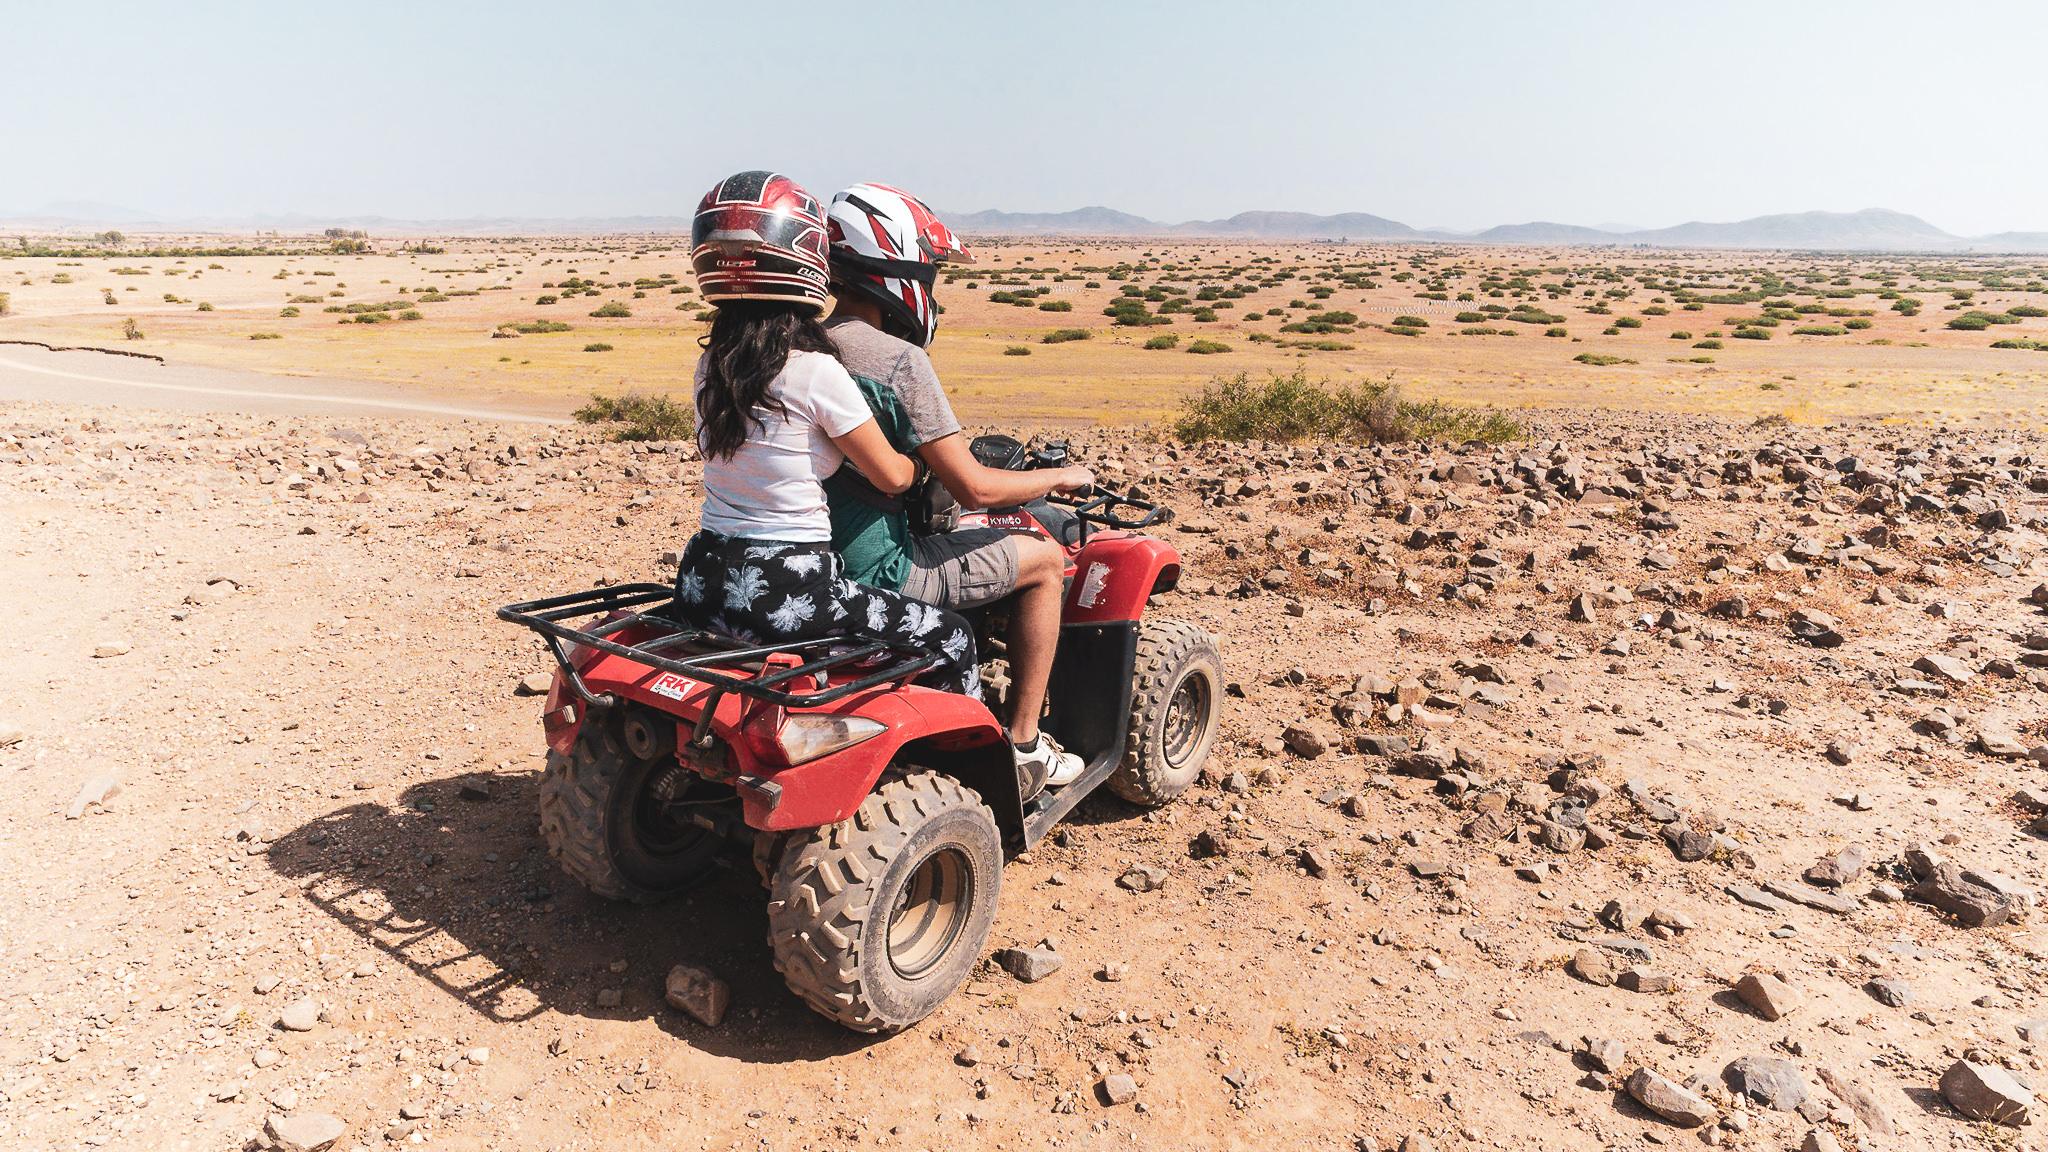 Maroc Quad Passion – Quads in Marrakesh